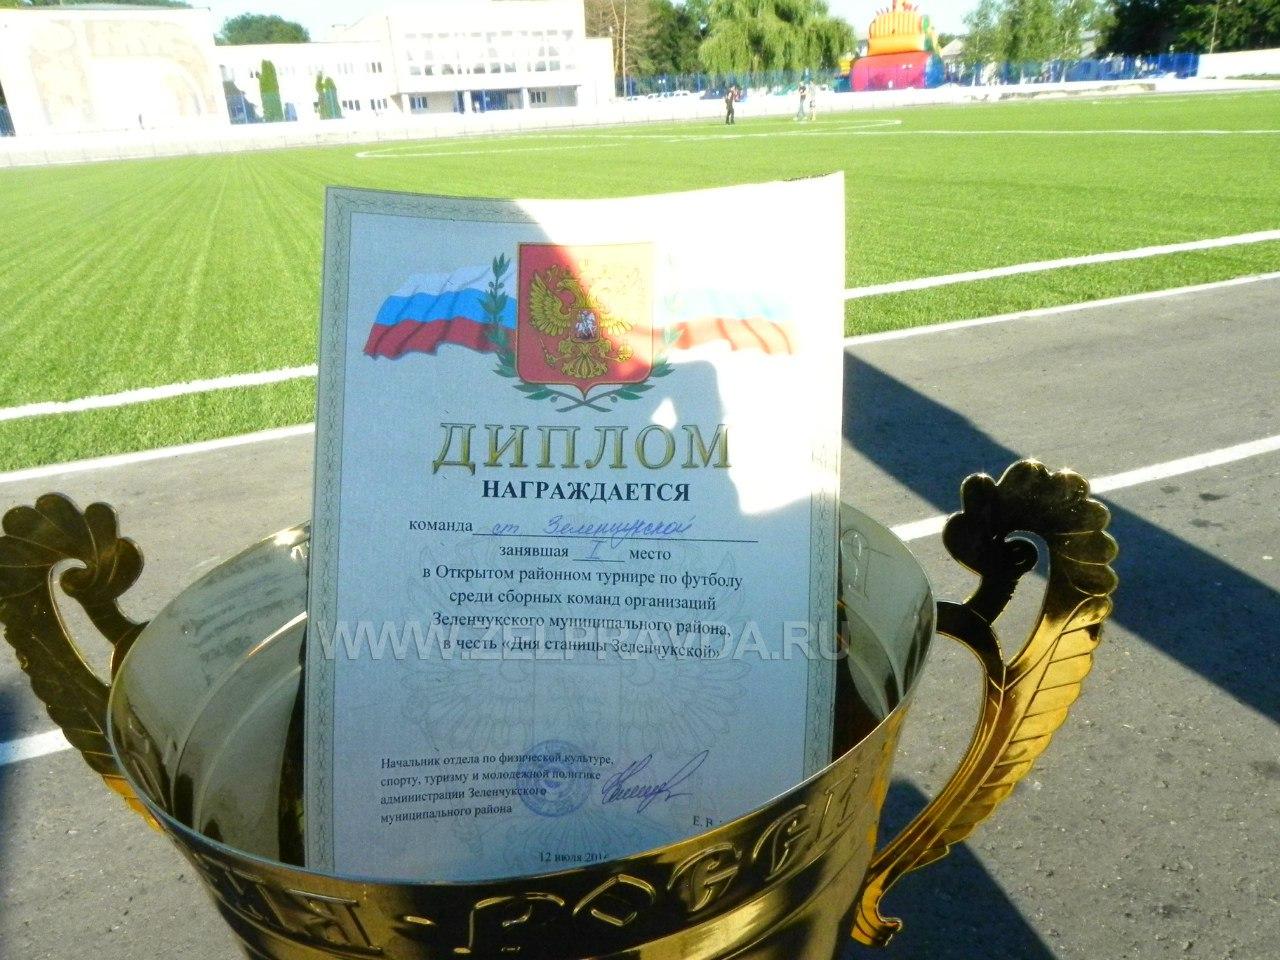 В Зеленчукской прошел открытый турнир по футболу приуроченный ко Дню станицы